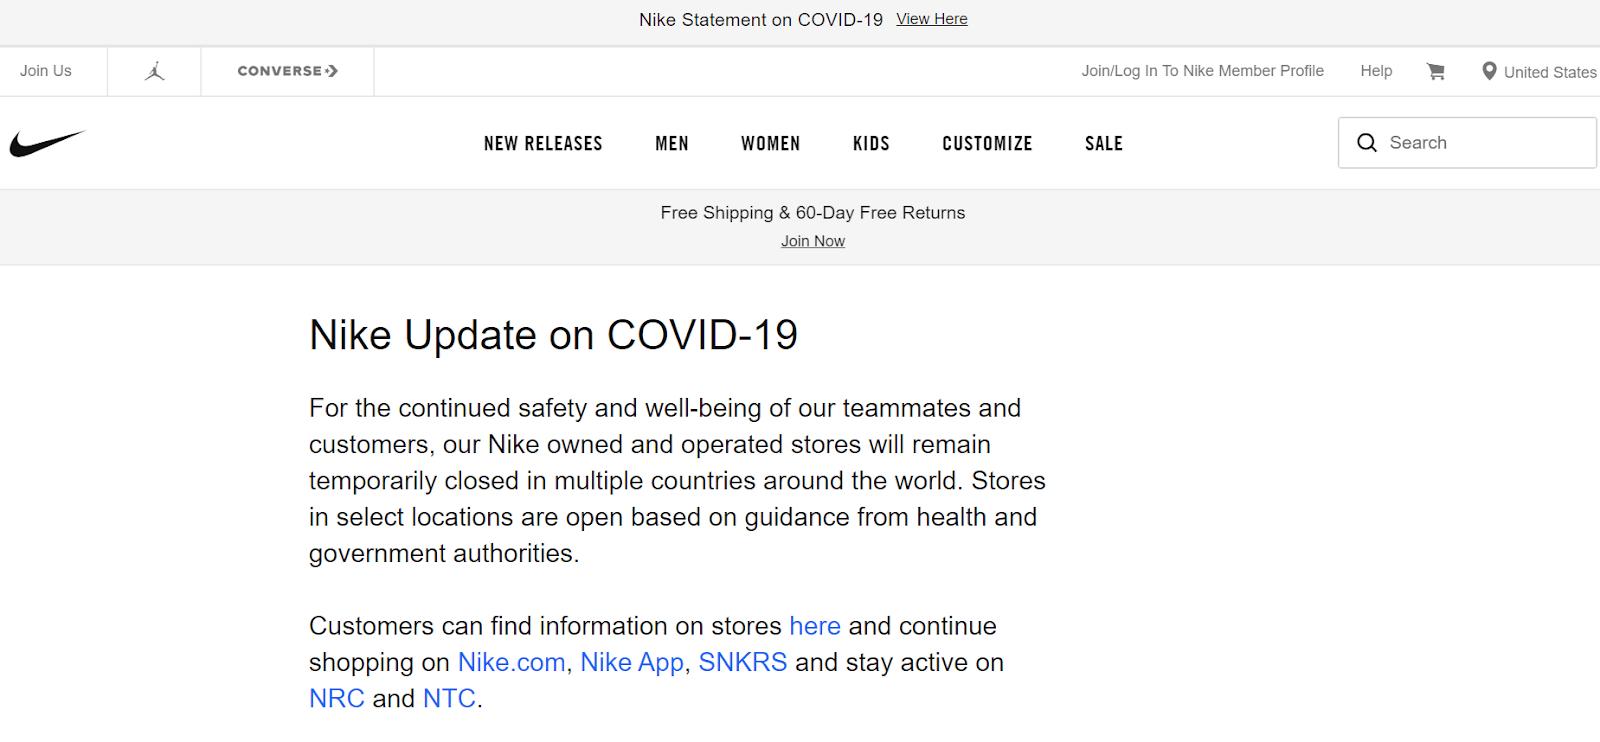 nike update on covid-19